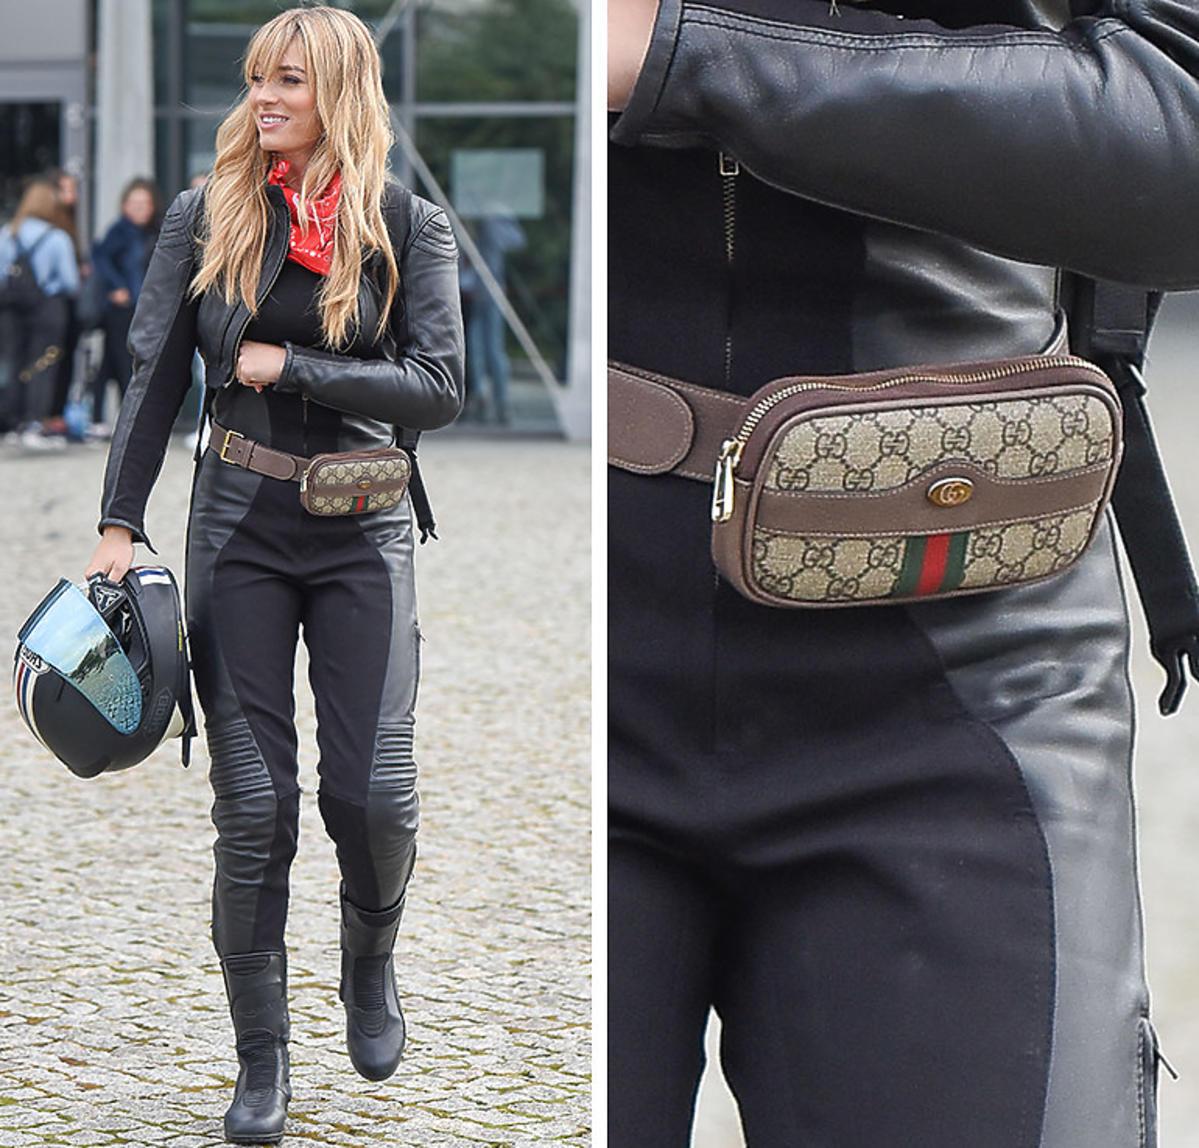 Marcelina Zawadzka z torebką Gucci wychodzi z